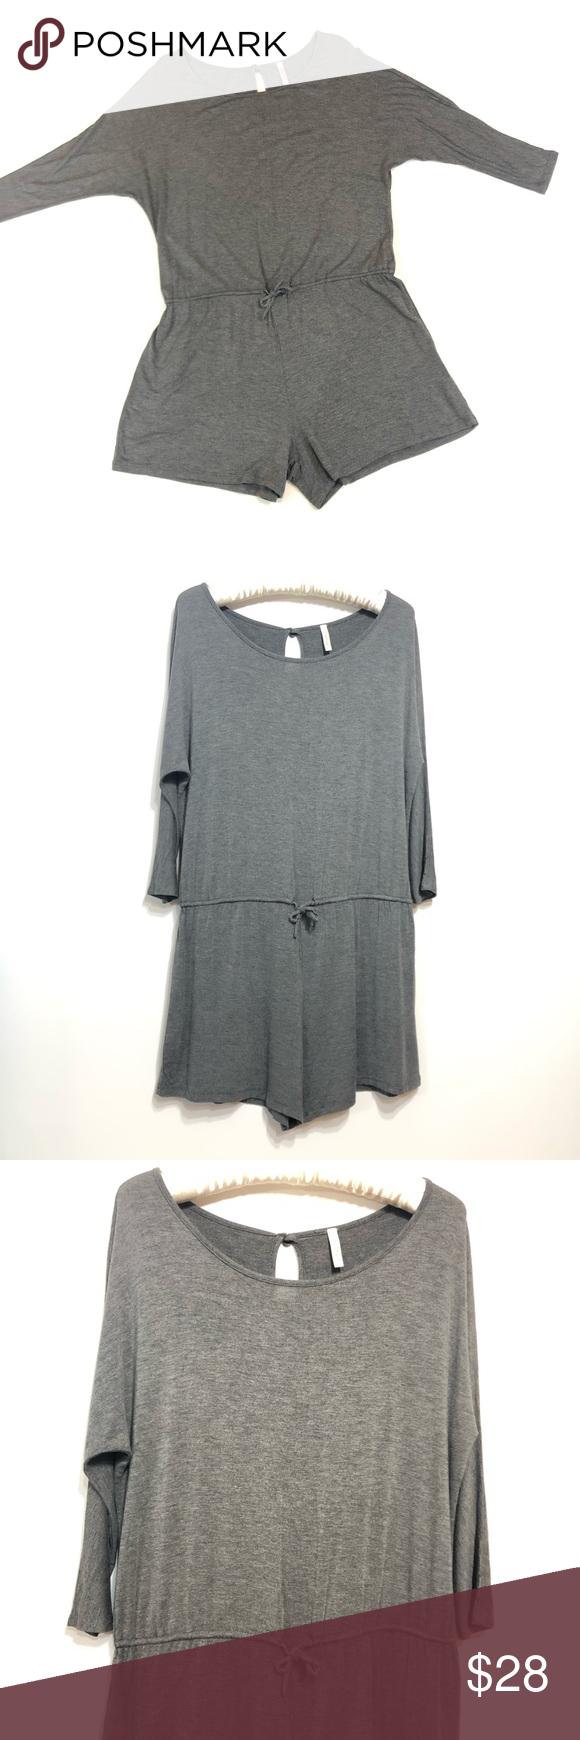 a91dddd7dd3f Tua Gray Jersey Romper Size Medium Gray jersey romper size medium Super soft  and comfortable Three